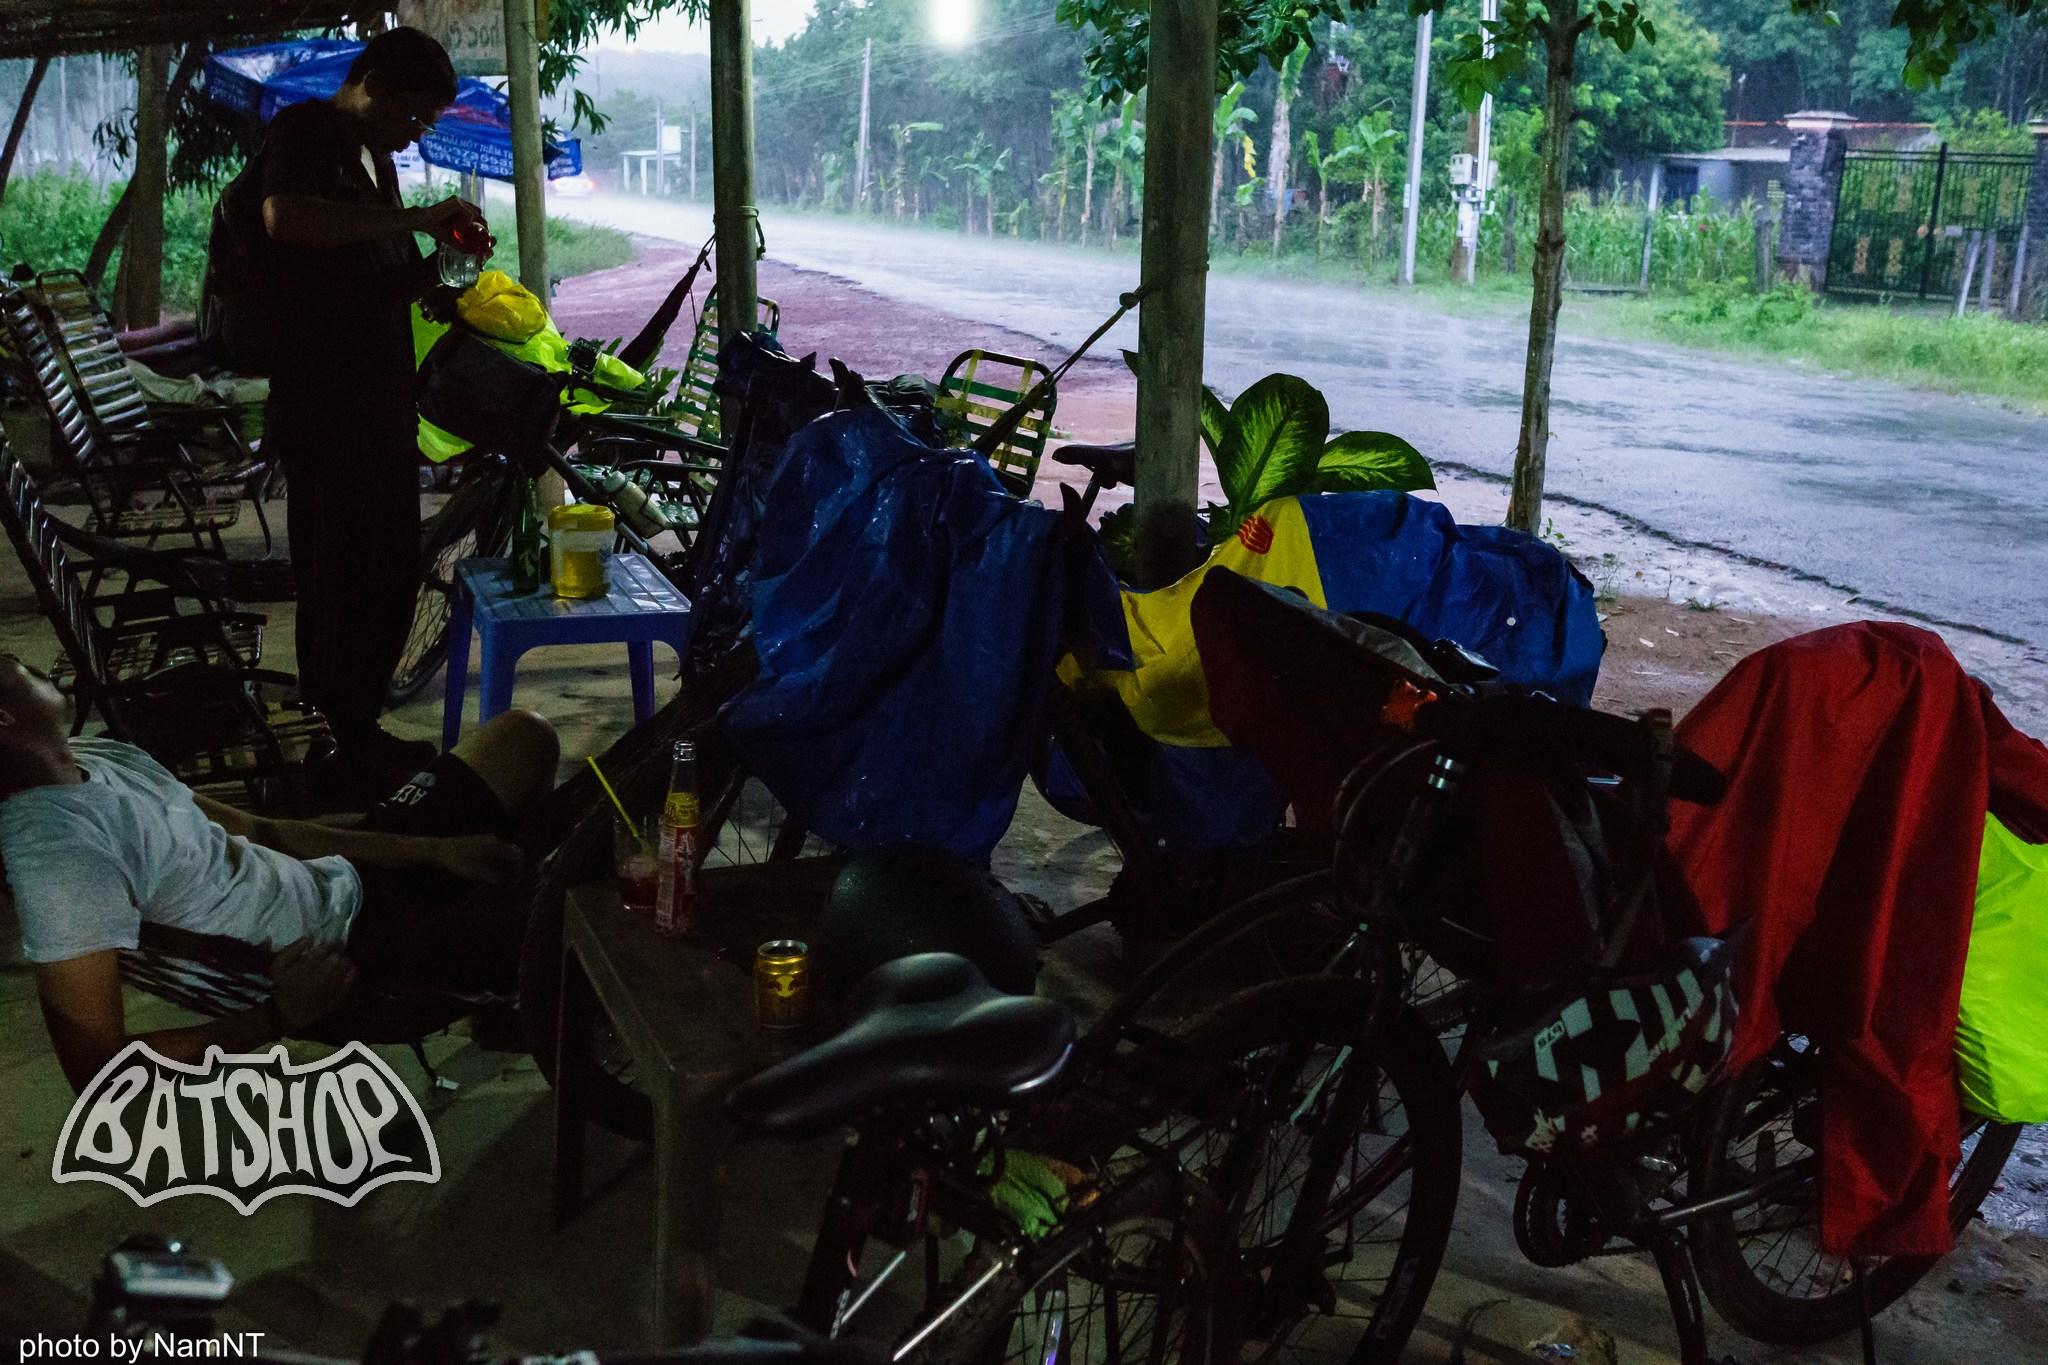 20653758971 8e67cf117b k - Hồ Cần Nôm-Dầu Tiếng chuyến đạp xe, băng rừng, leo núi, tắm hồ, mần gà